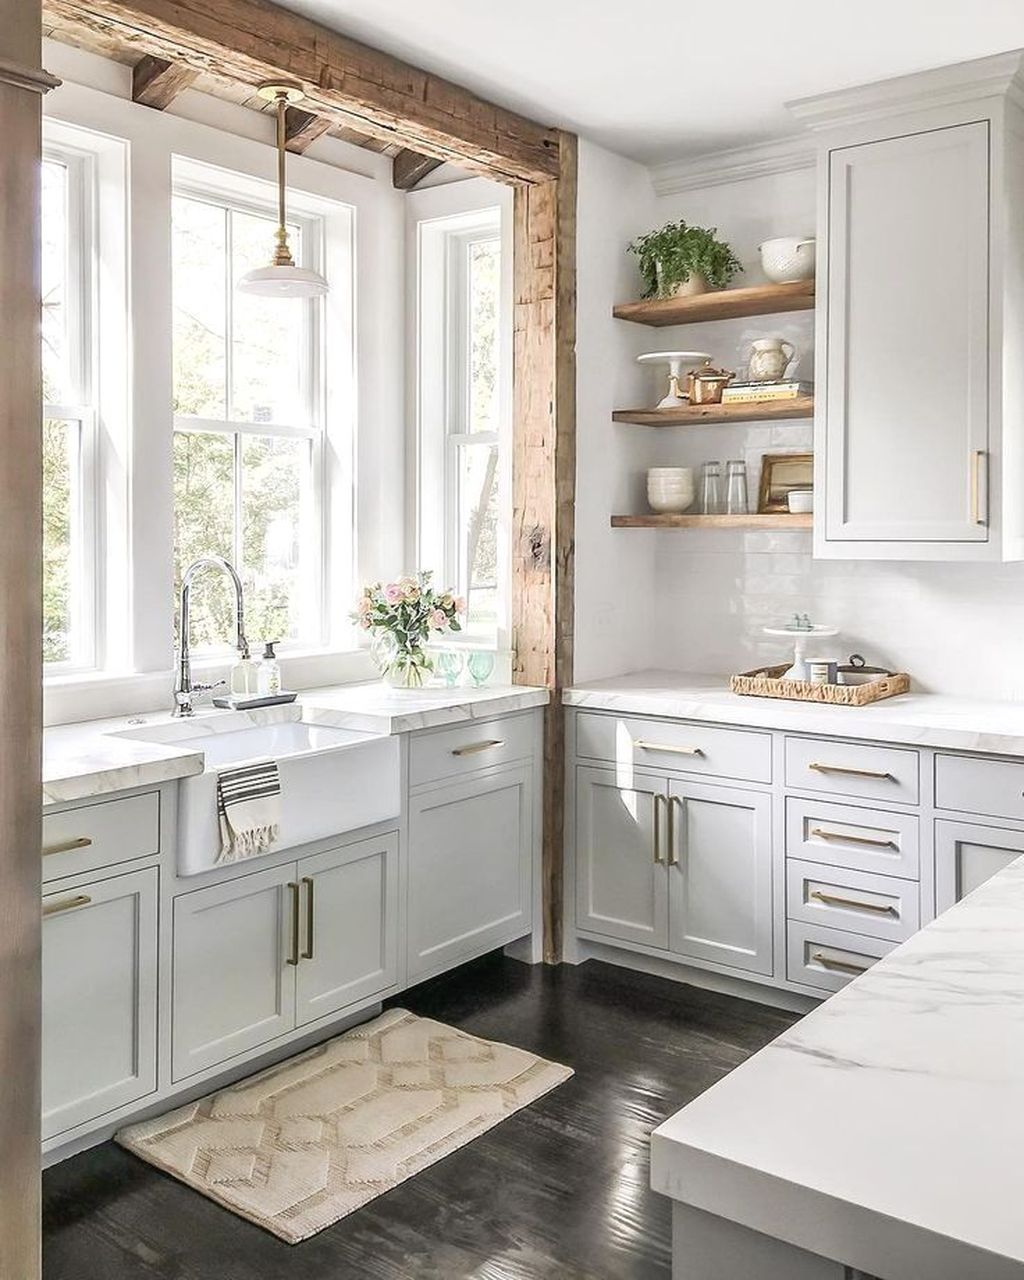 Amazing Organized Farmhouse Kitchen Decor Ideas 26